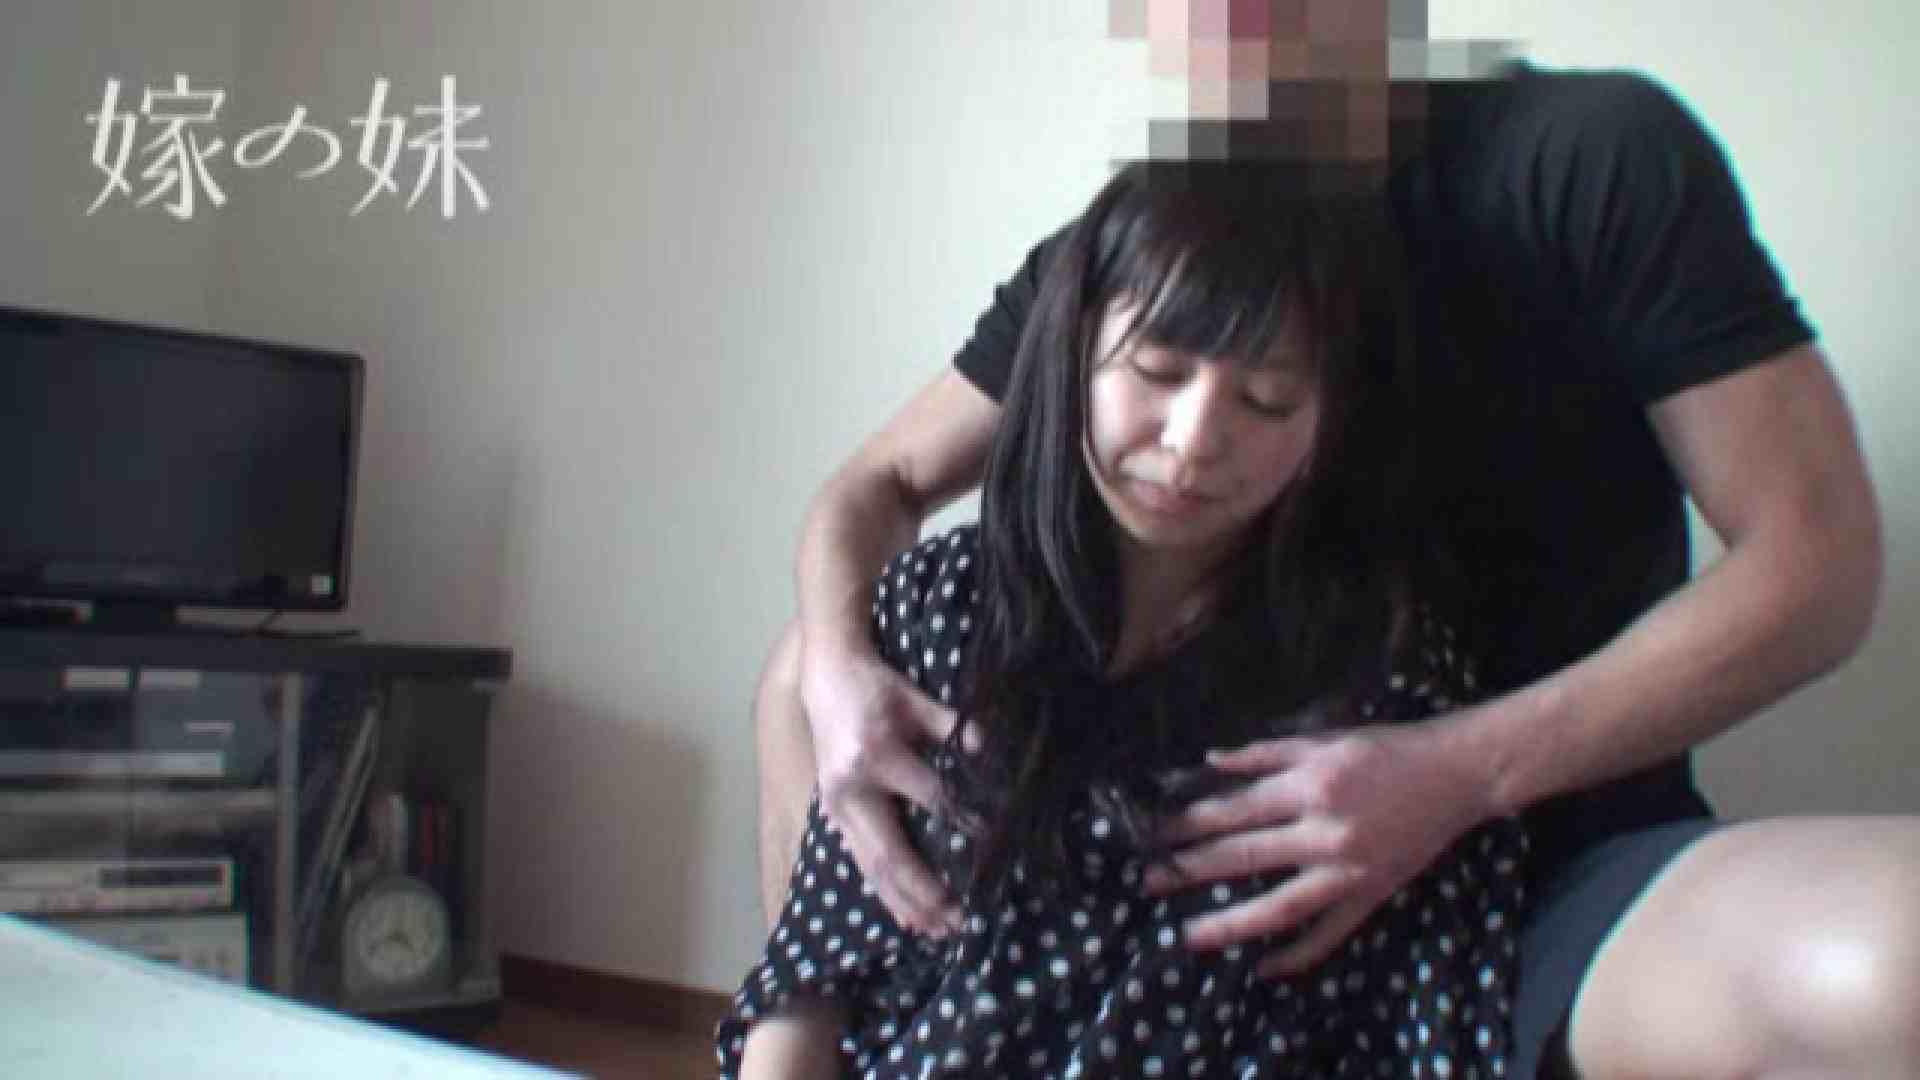 居候中の嫁の妹 vol.4 一般投稿  70pic 12